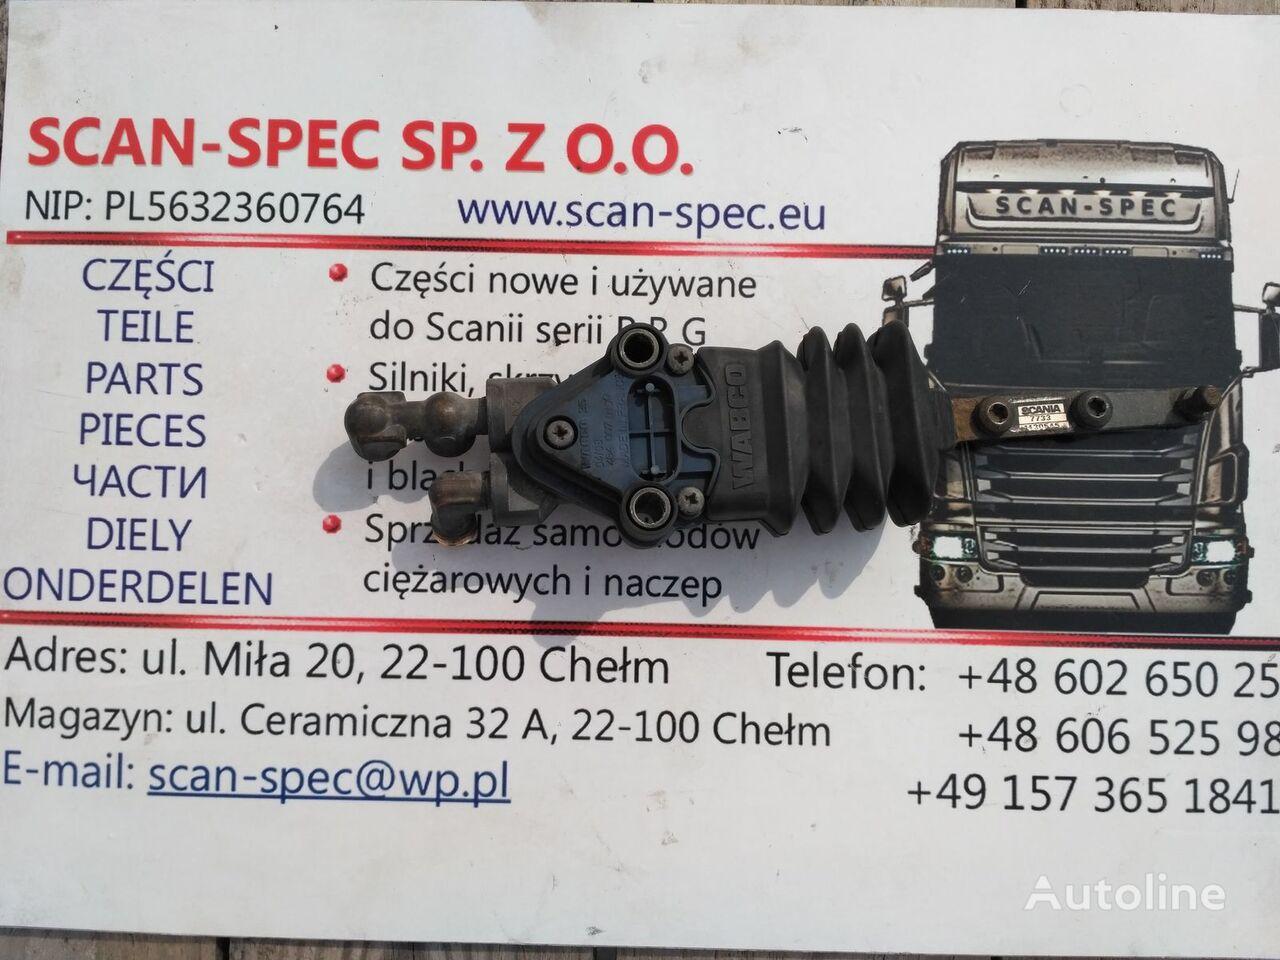 SCANIA P R G (1430545, 1399776) cab lift pump for SCANIA P R G T tractor unit